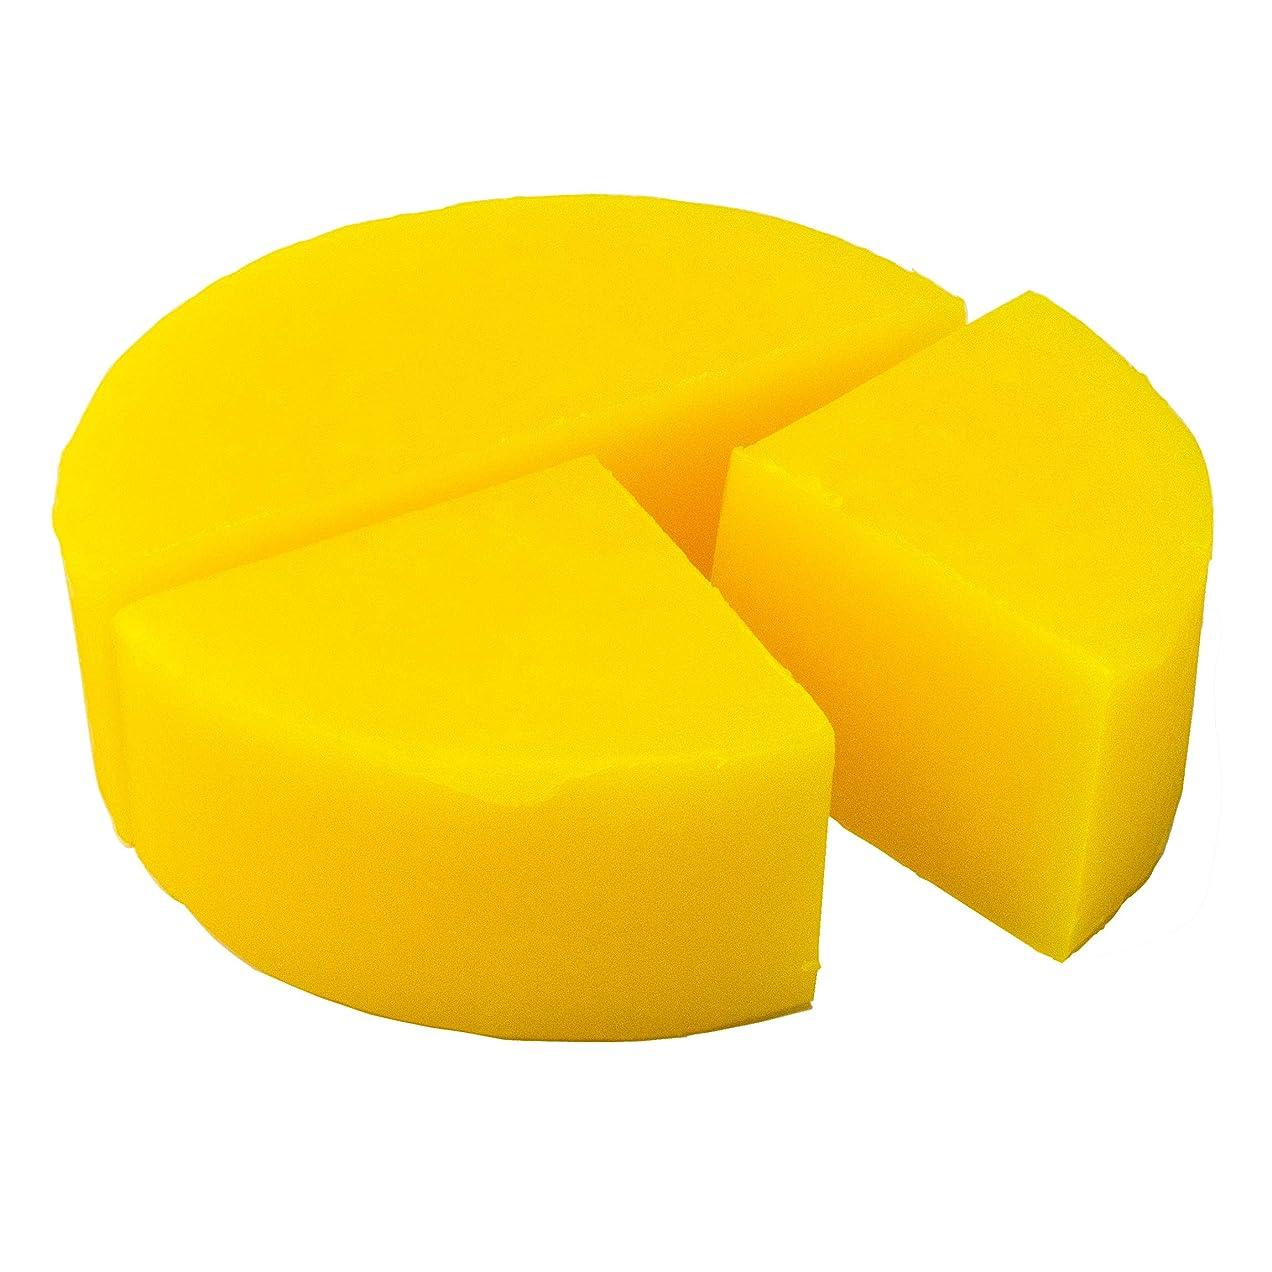 原告ライター水星グリセリン クリアソープ (MPソープ) 色チップ 黄 100g